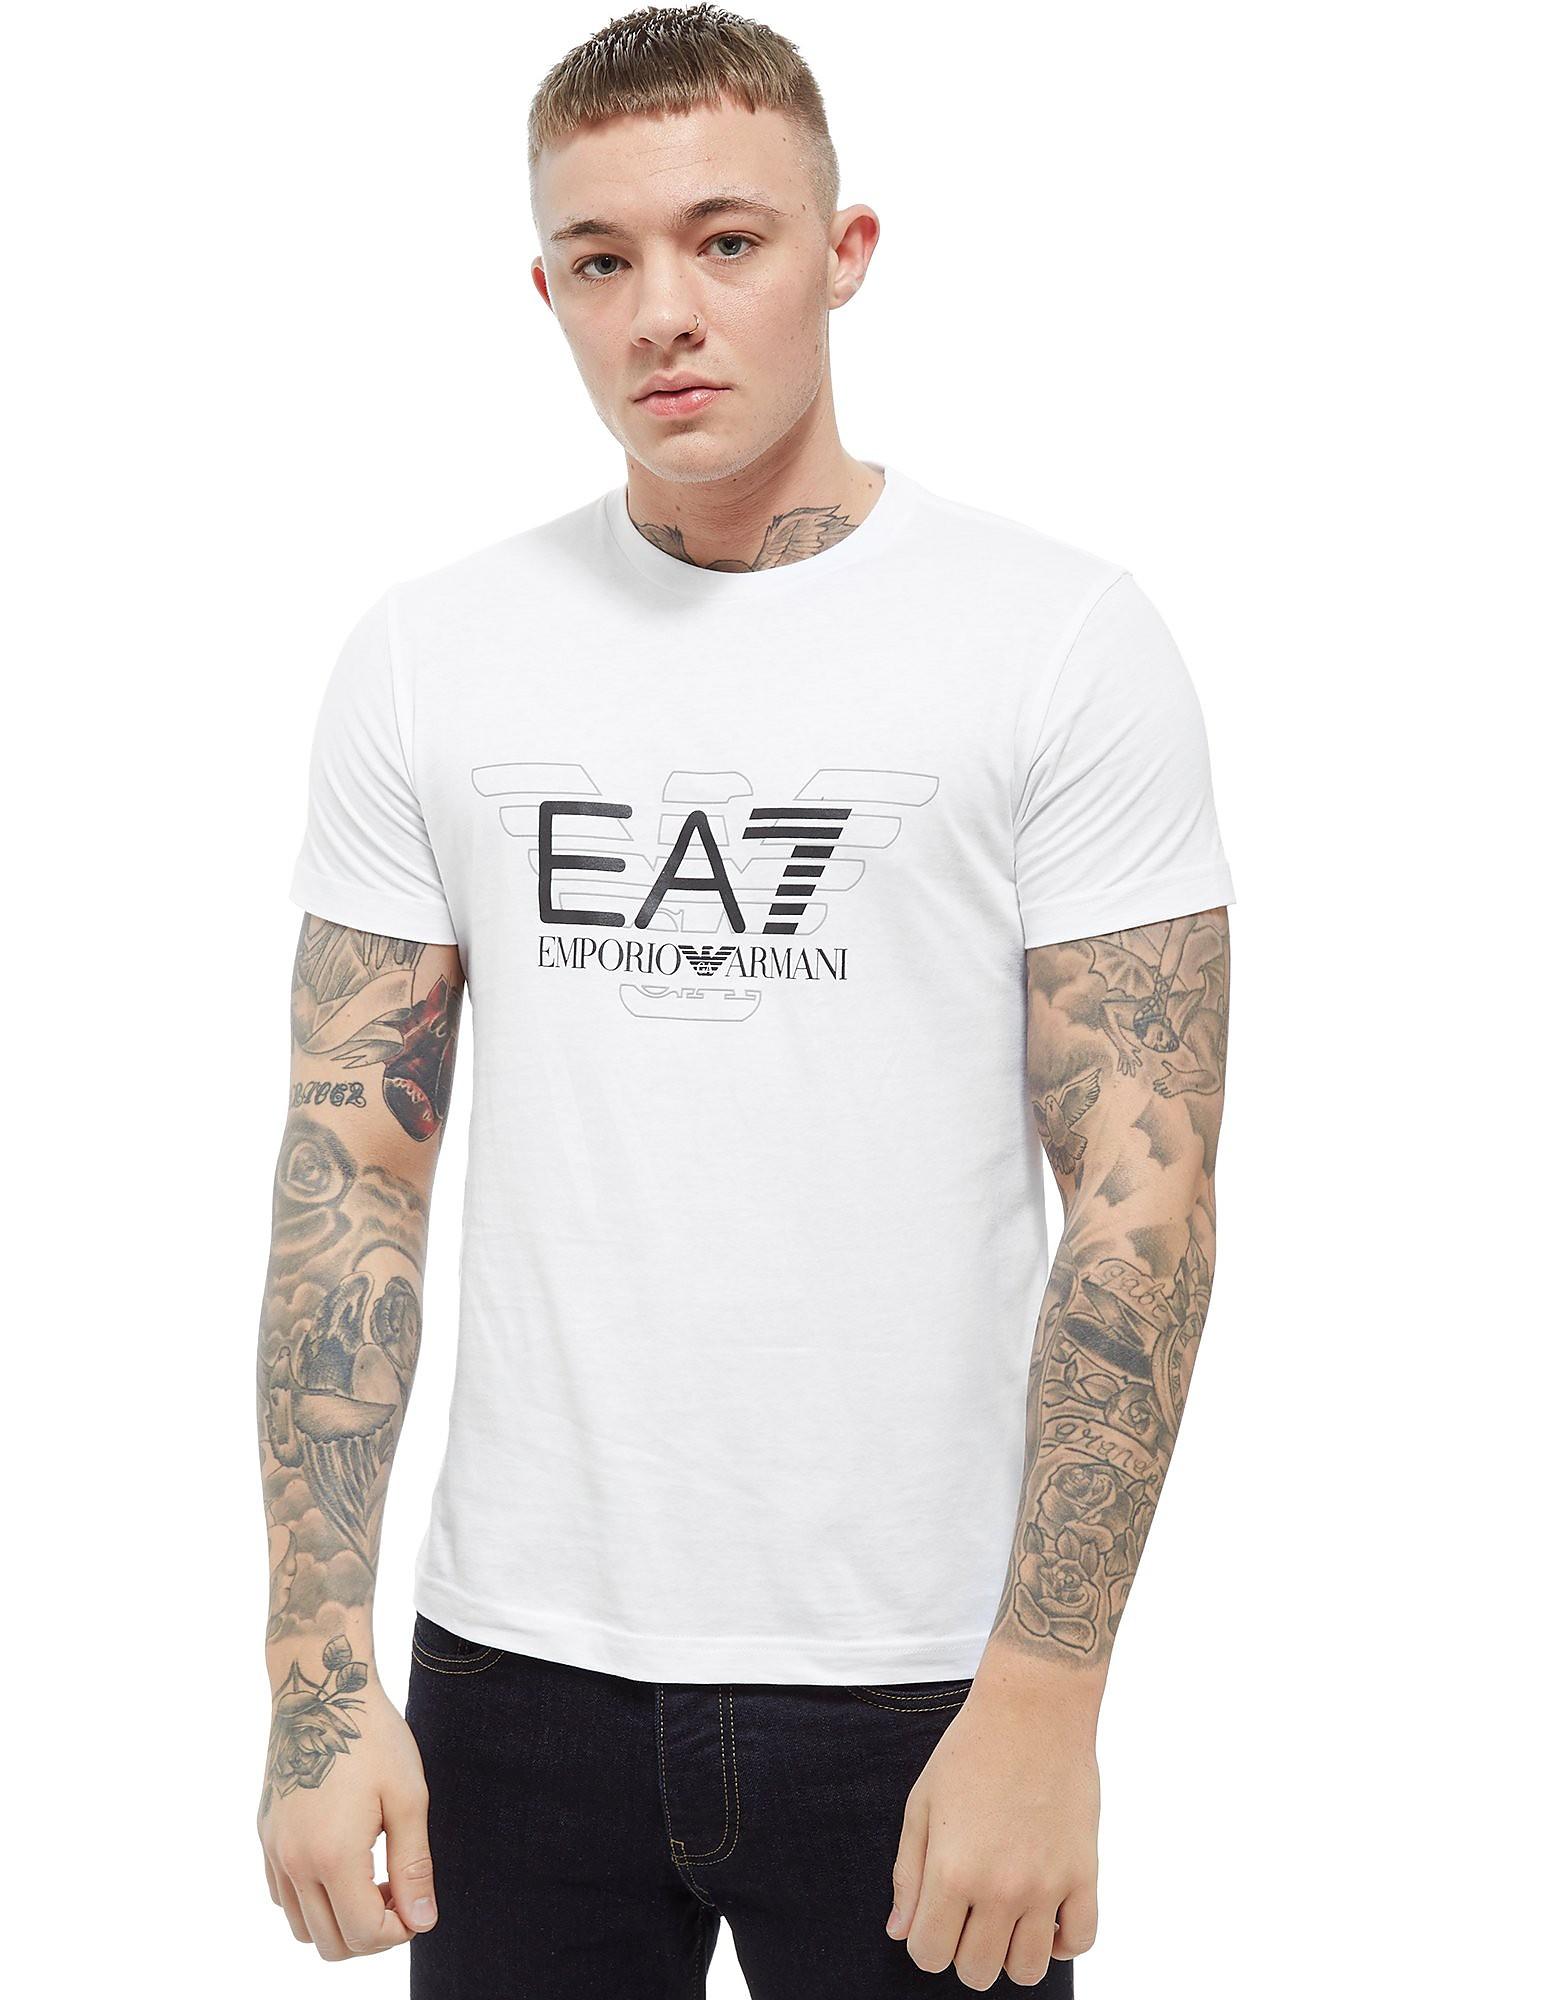 Emporio Armani EA7 camiseta Overlay Eagle